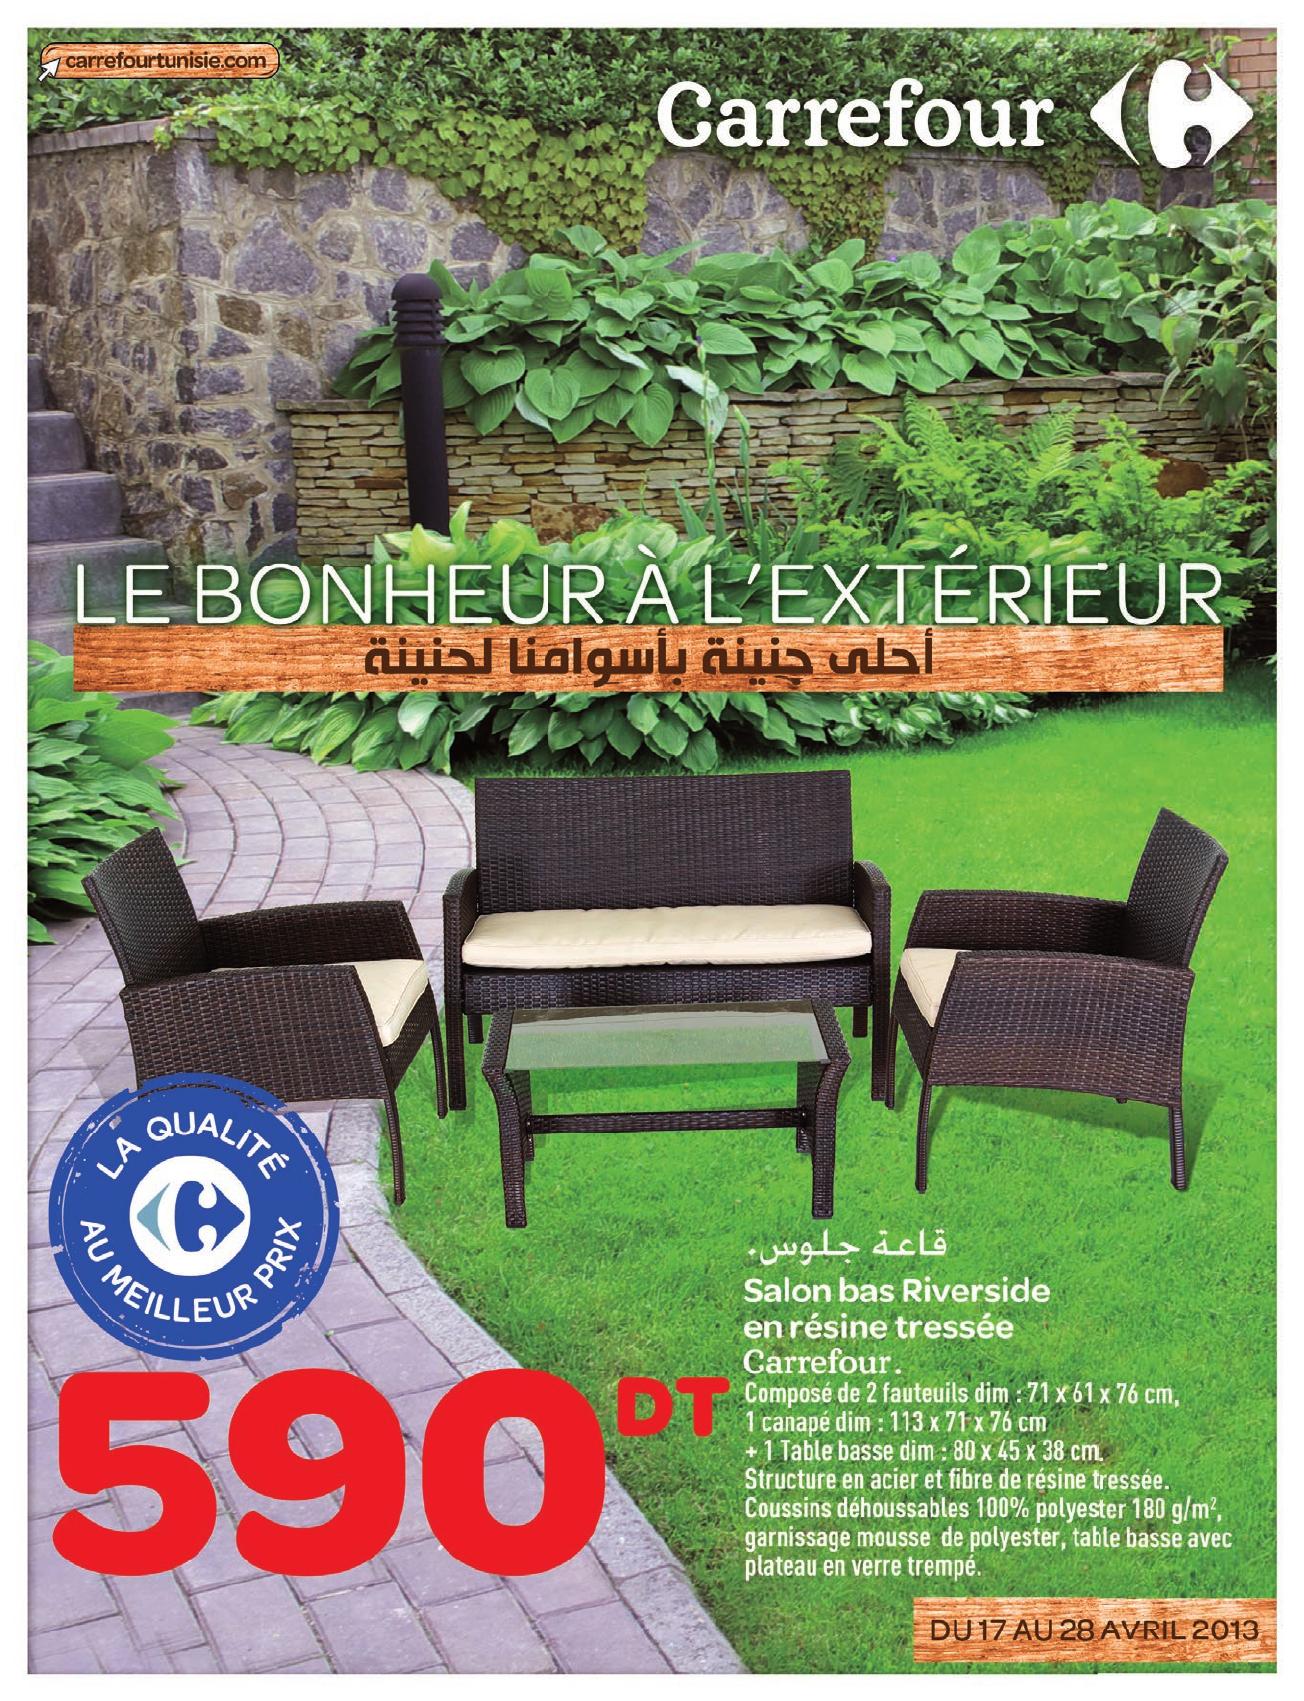 Catalogue Carrefour Le Bonheur L'extrieur serapportantà Fauteuil De Jardin Carrefour